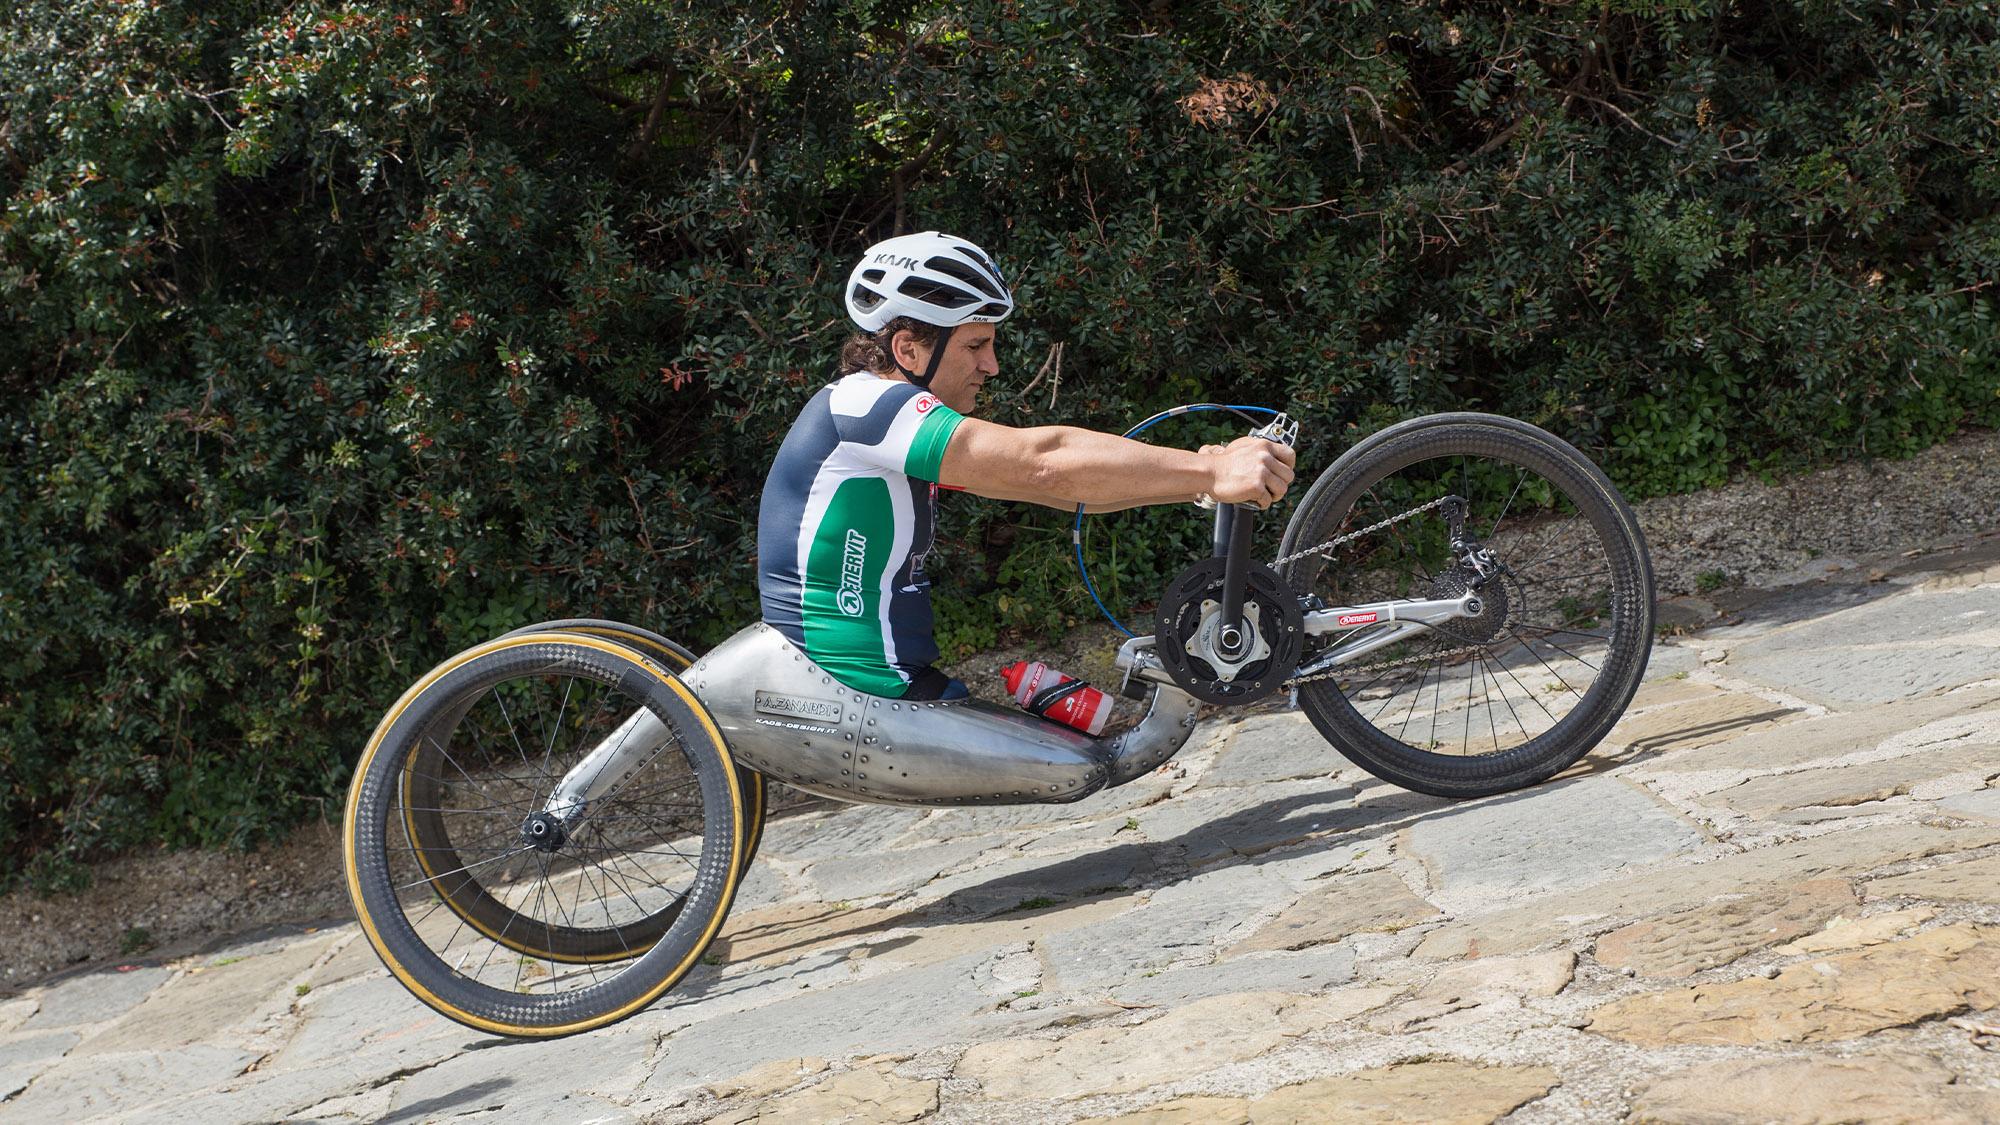 Alex Zanardi on a handcycle in 2020